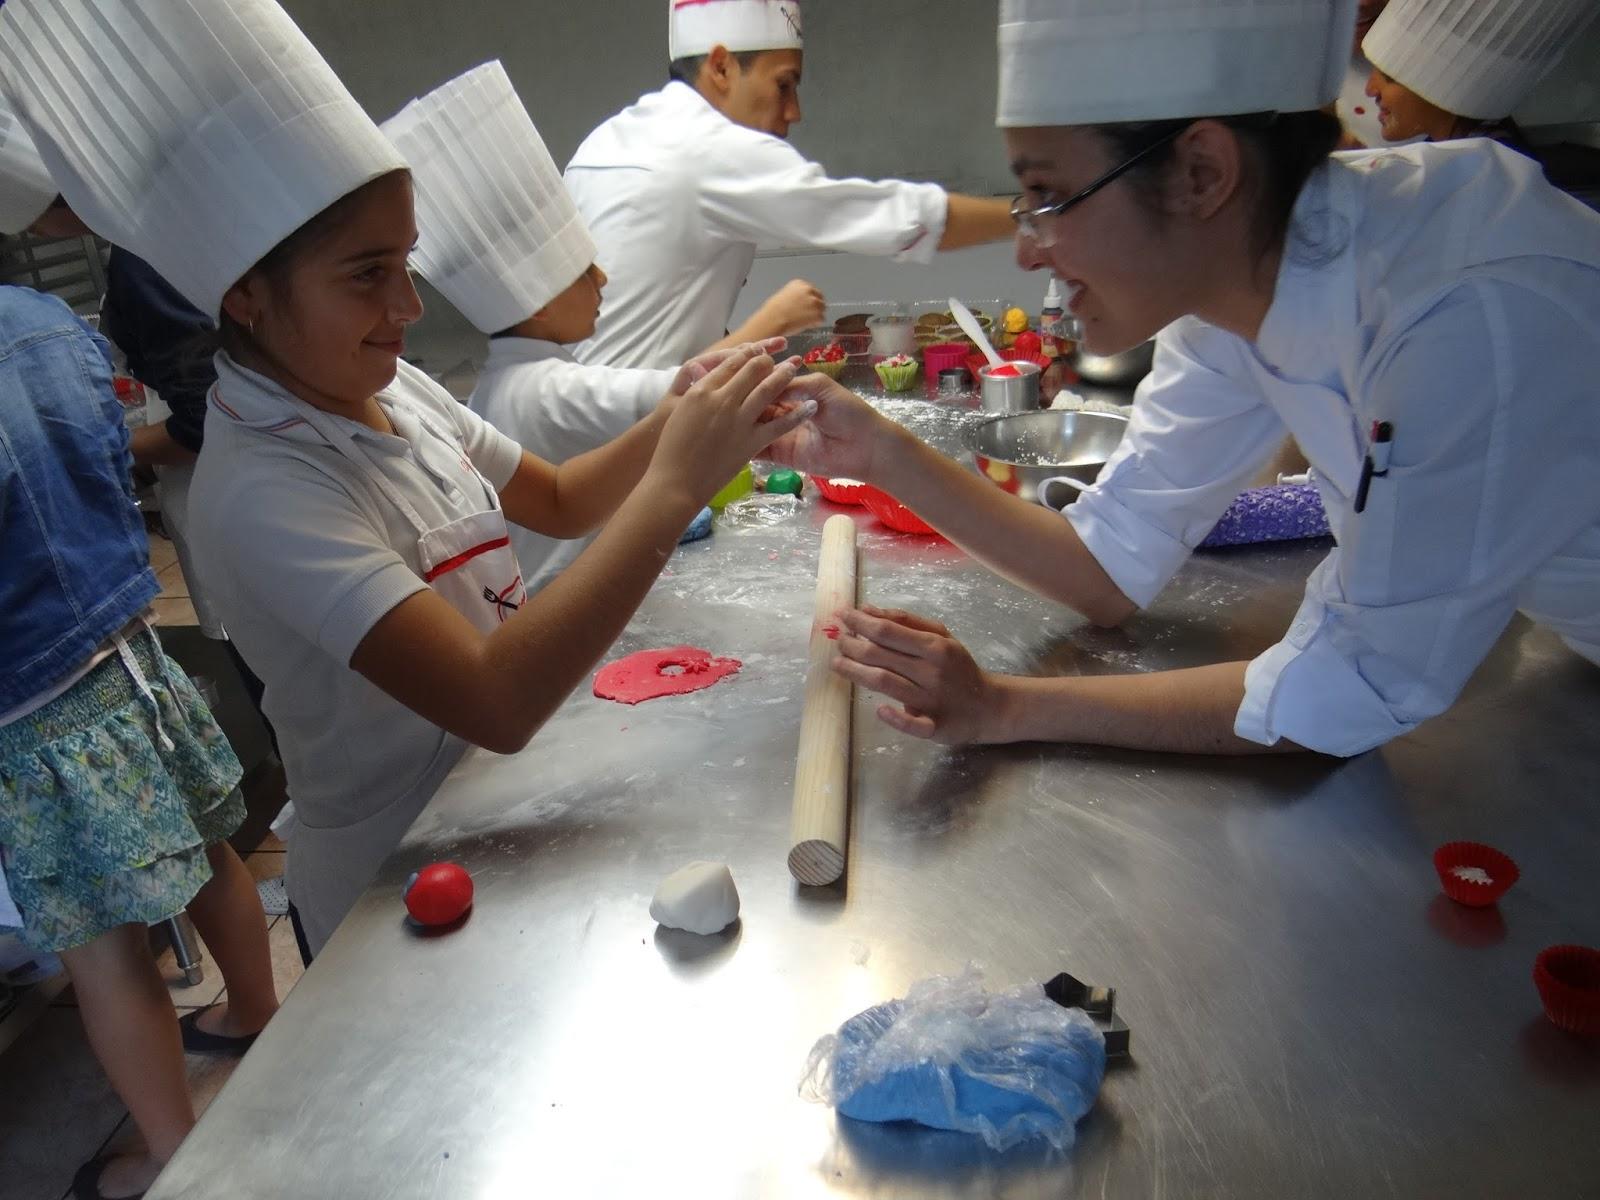 Noticias colegio culinario colegio culinario de morelia for Curso de gastronomia pdf